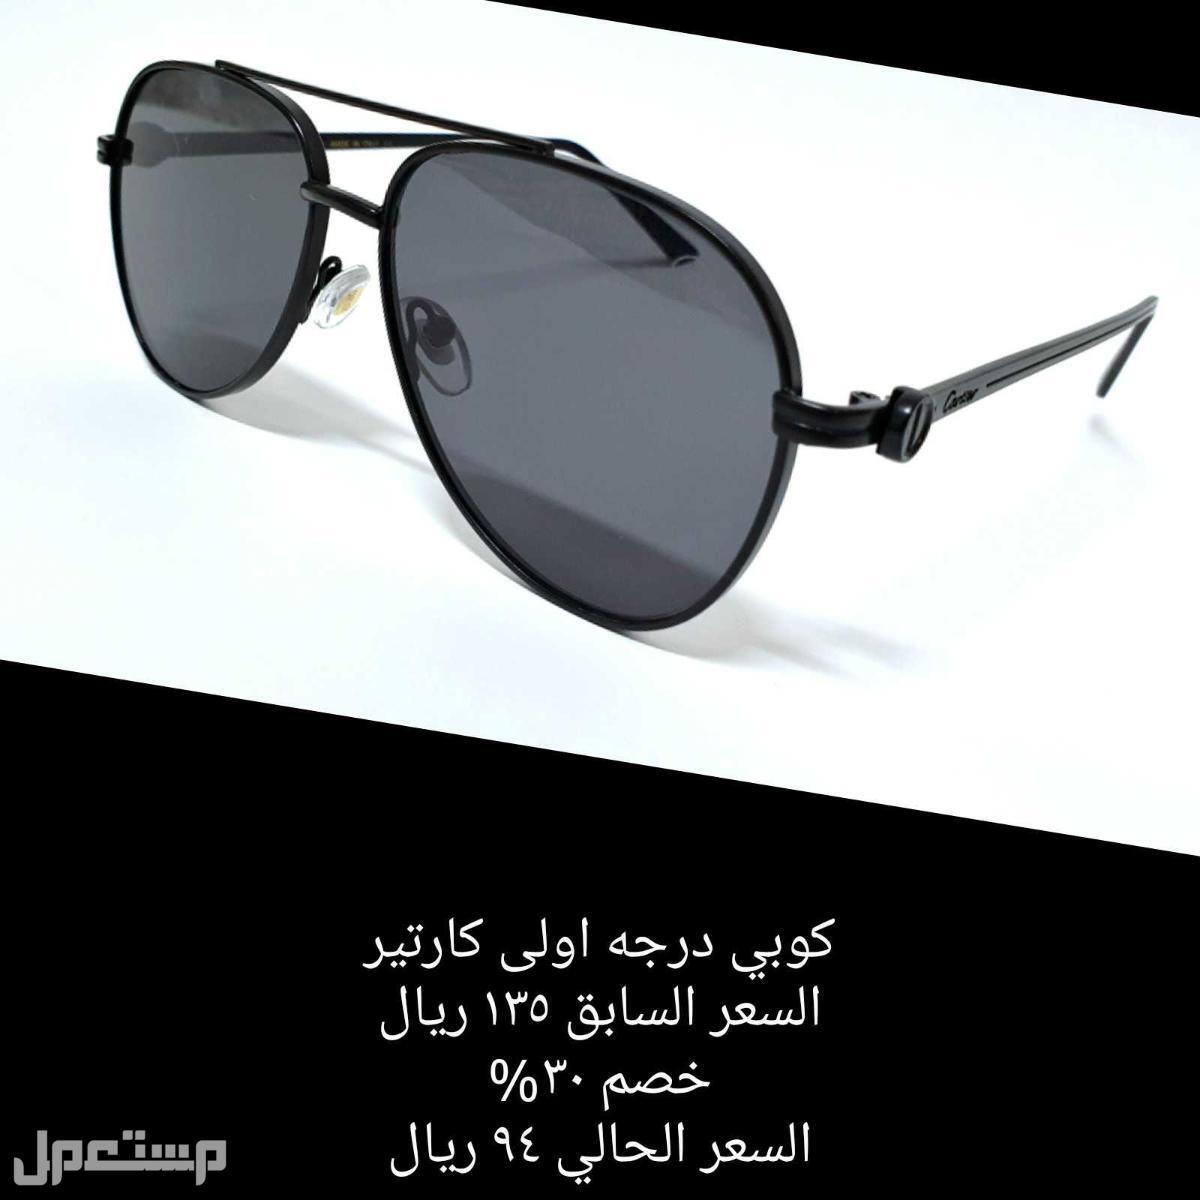 نظارات شمسية درجه اولى لماركة كارتير